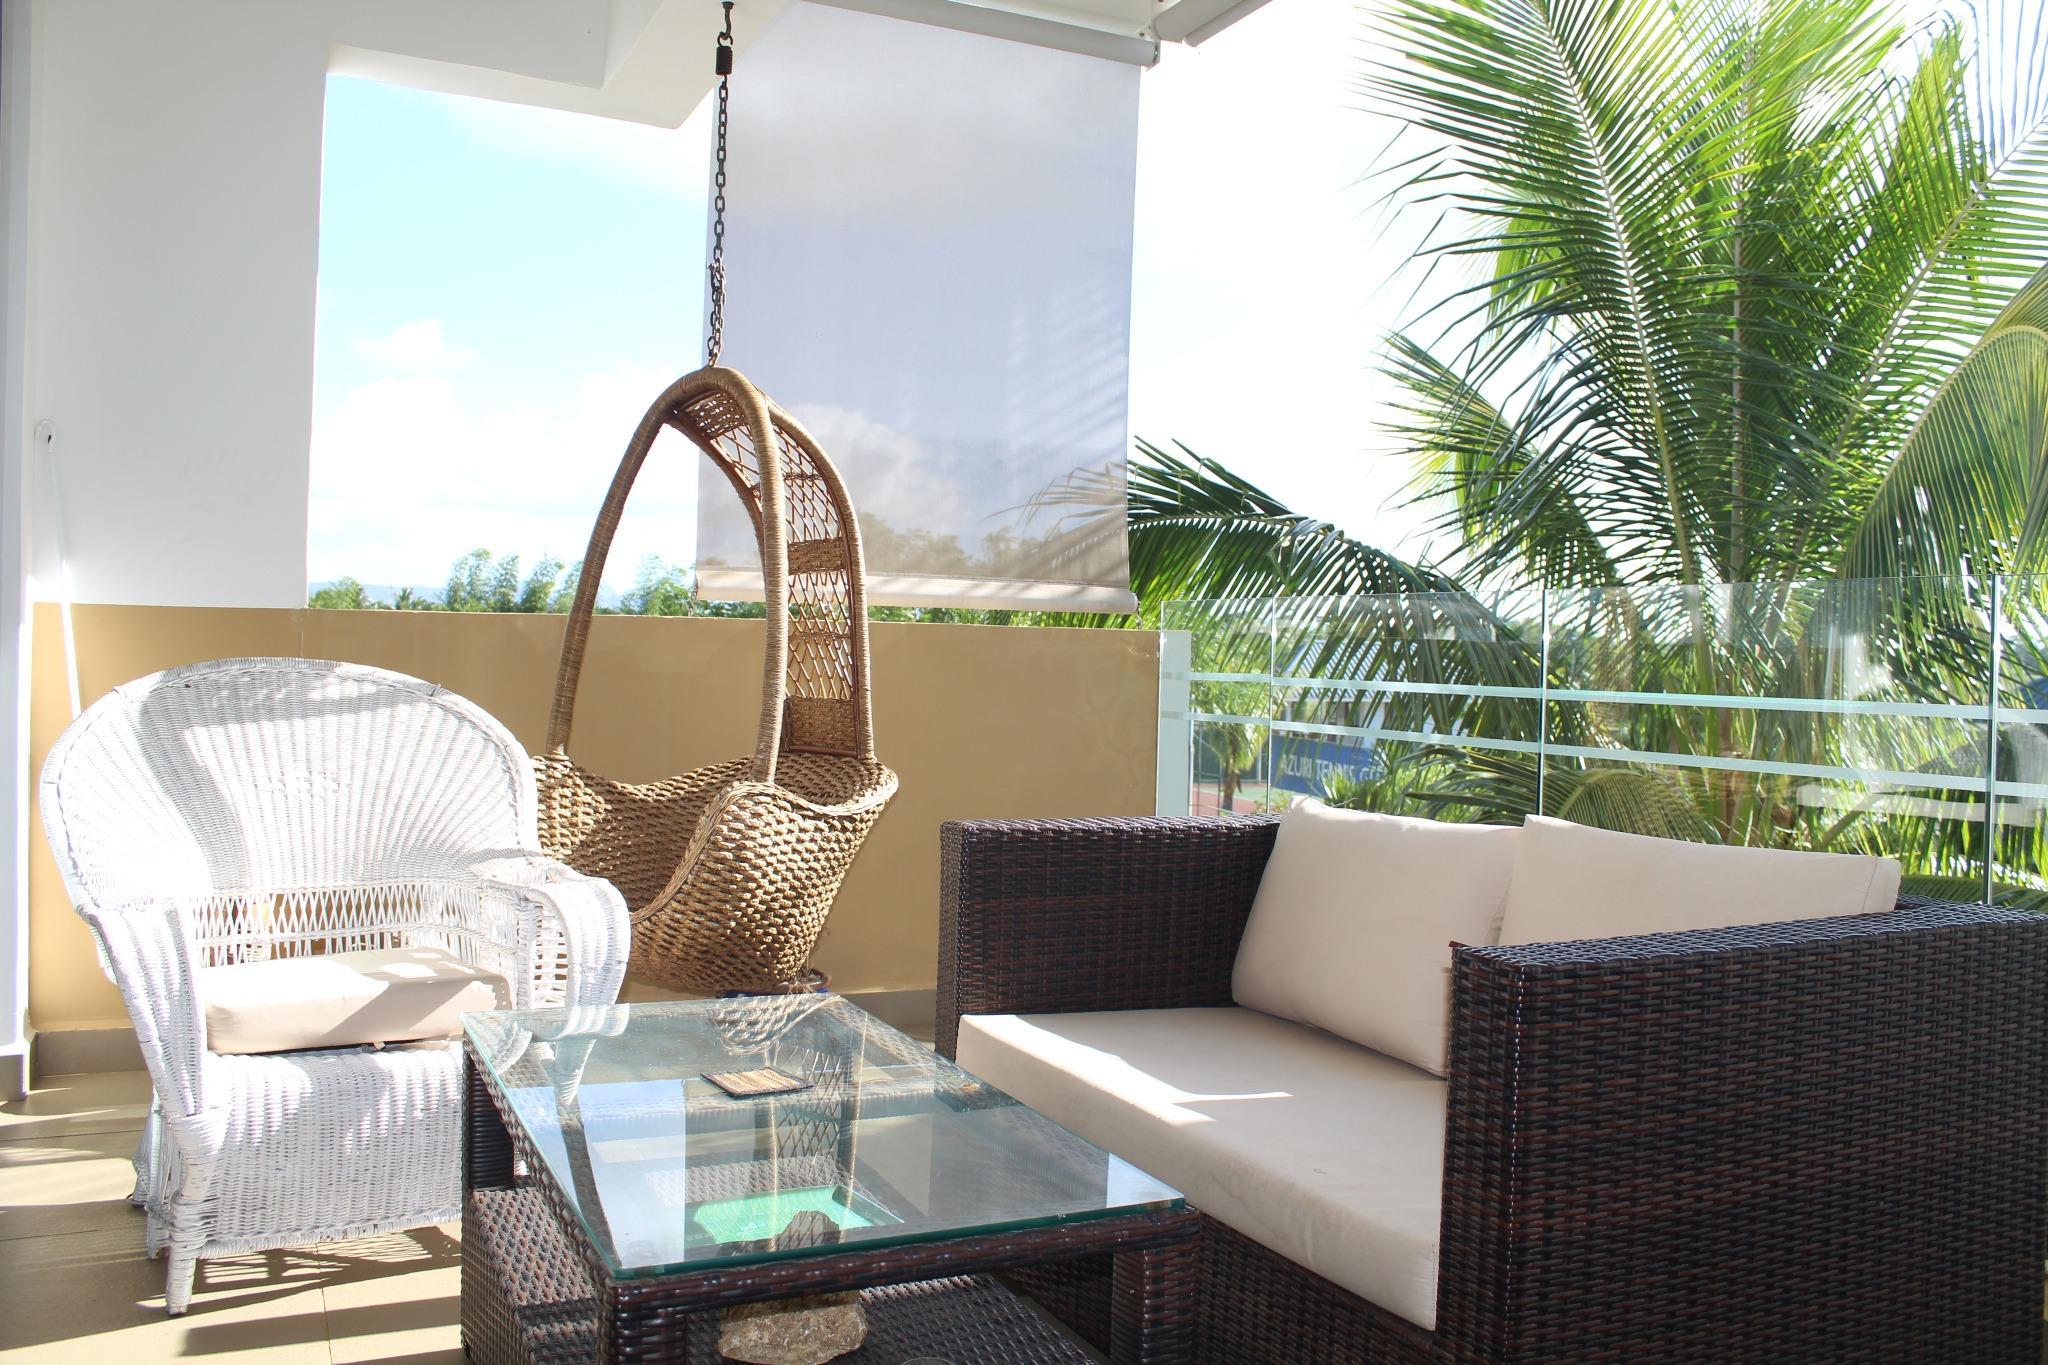 A vendre – Magnifique appartement meublé et équipé de 120 m2 situé à Azuri, Haute Rive – ACCESSIBLE AUX ETRANGERS.